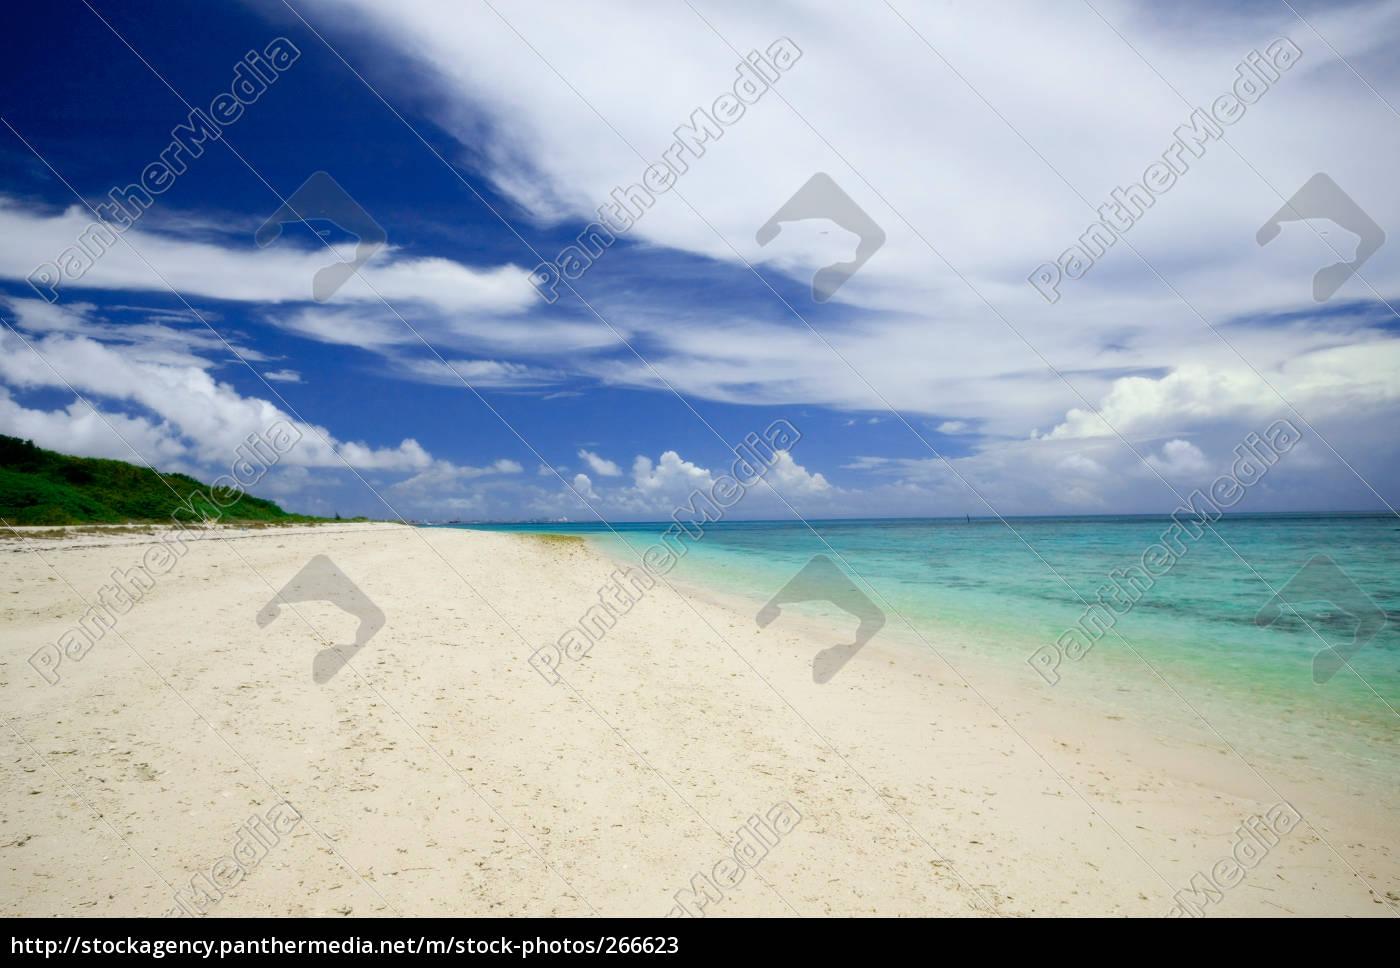 beach - 266623